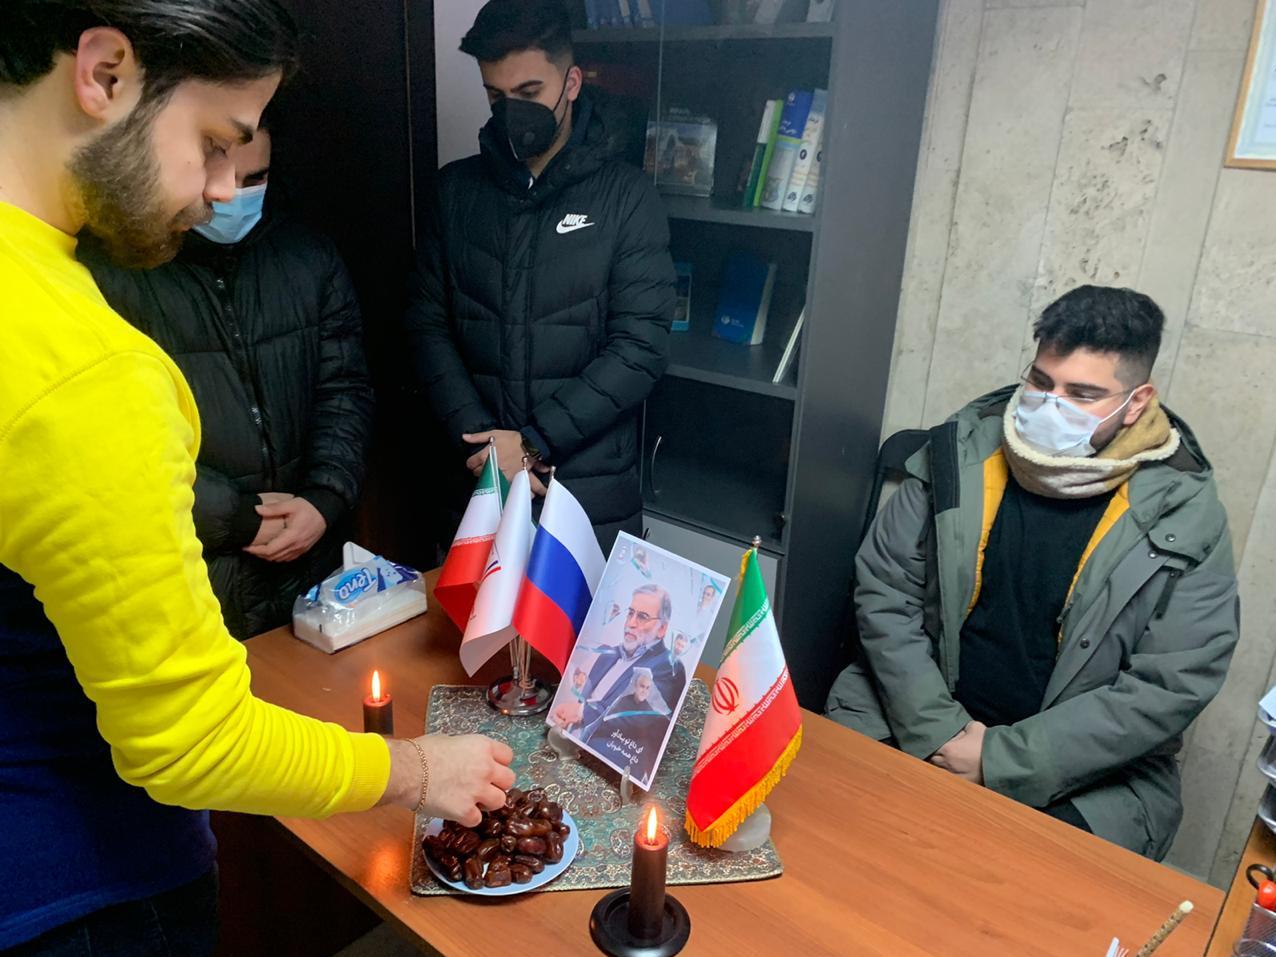 13990914000250 Test NewPhotoFree - برگزاری مراسم هفتمین روز شهادت شهید فخریزاده توسط دانشجویان ایرانی در مسکو